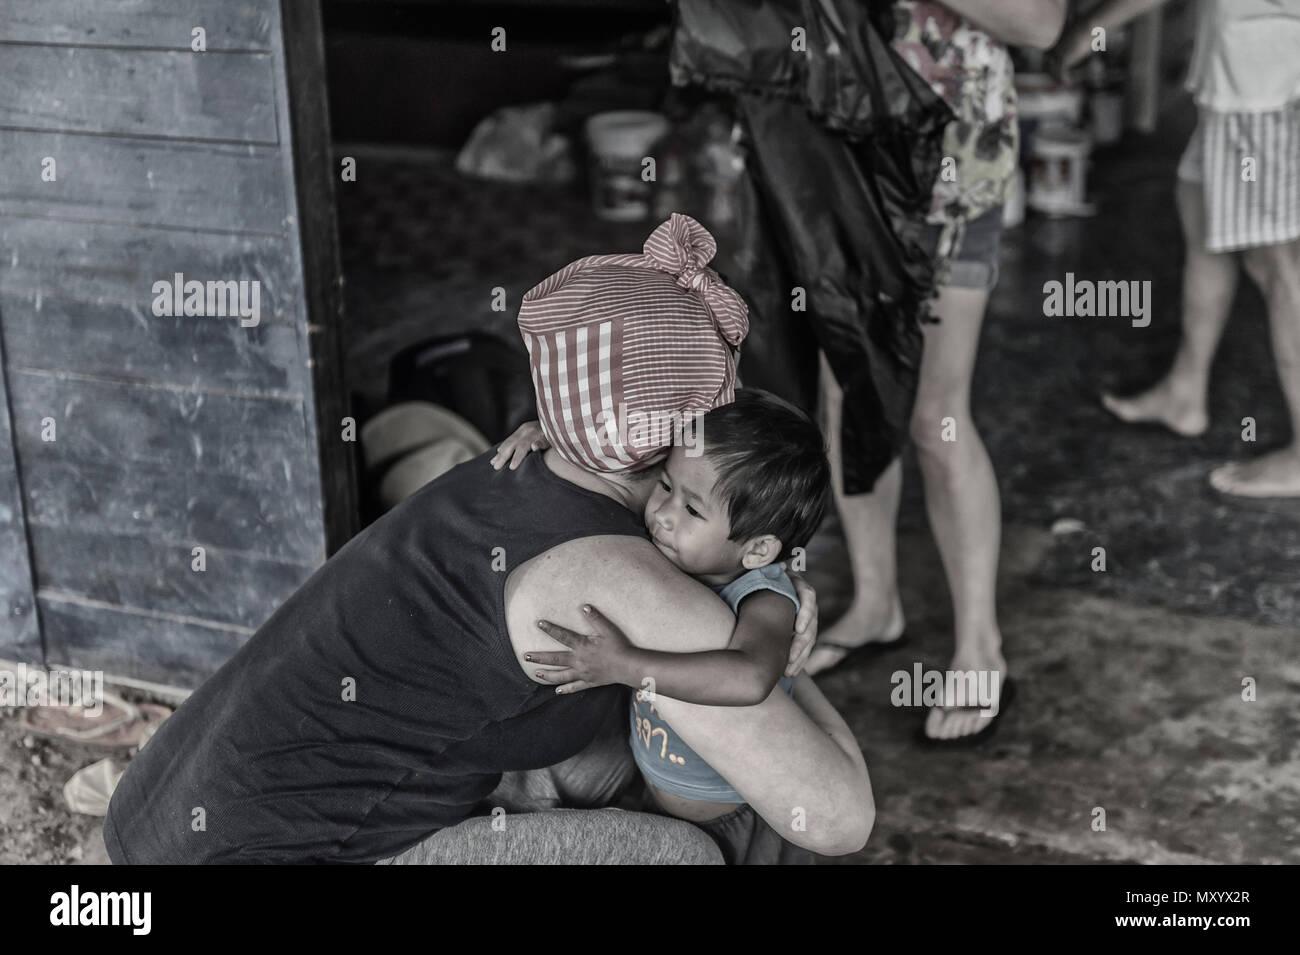 Año sabático vacaciones voluntarias o El volunturismo en Tailandia Foto de stock